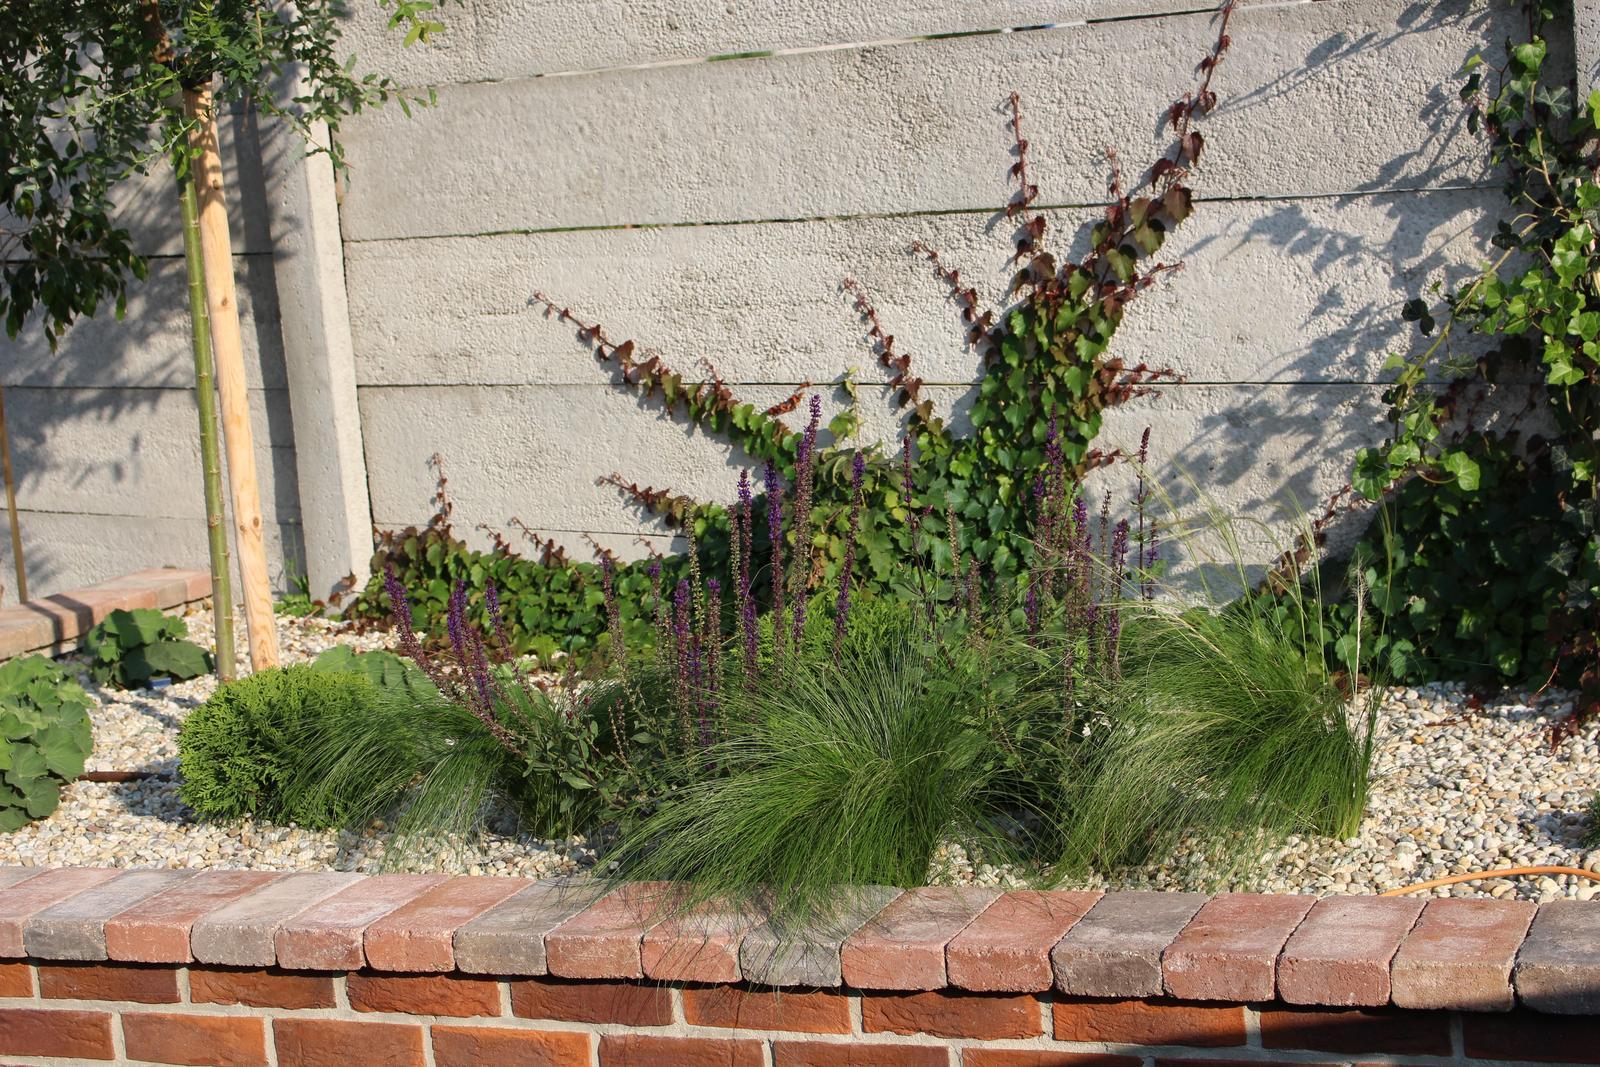 Exteriér - záhrada - Po 2 mesiacoch od výsadby, pavinič sa pekne rozrastá